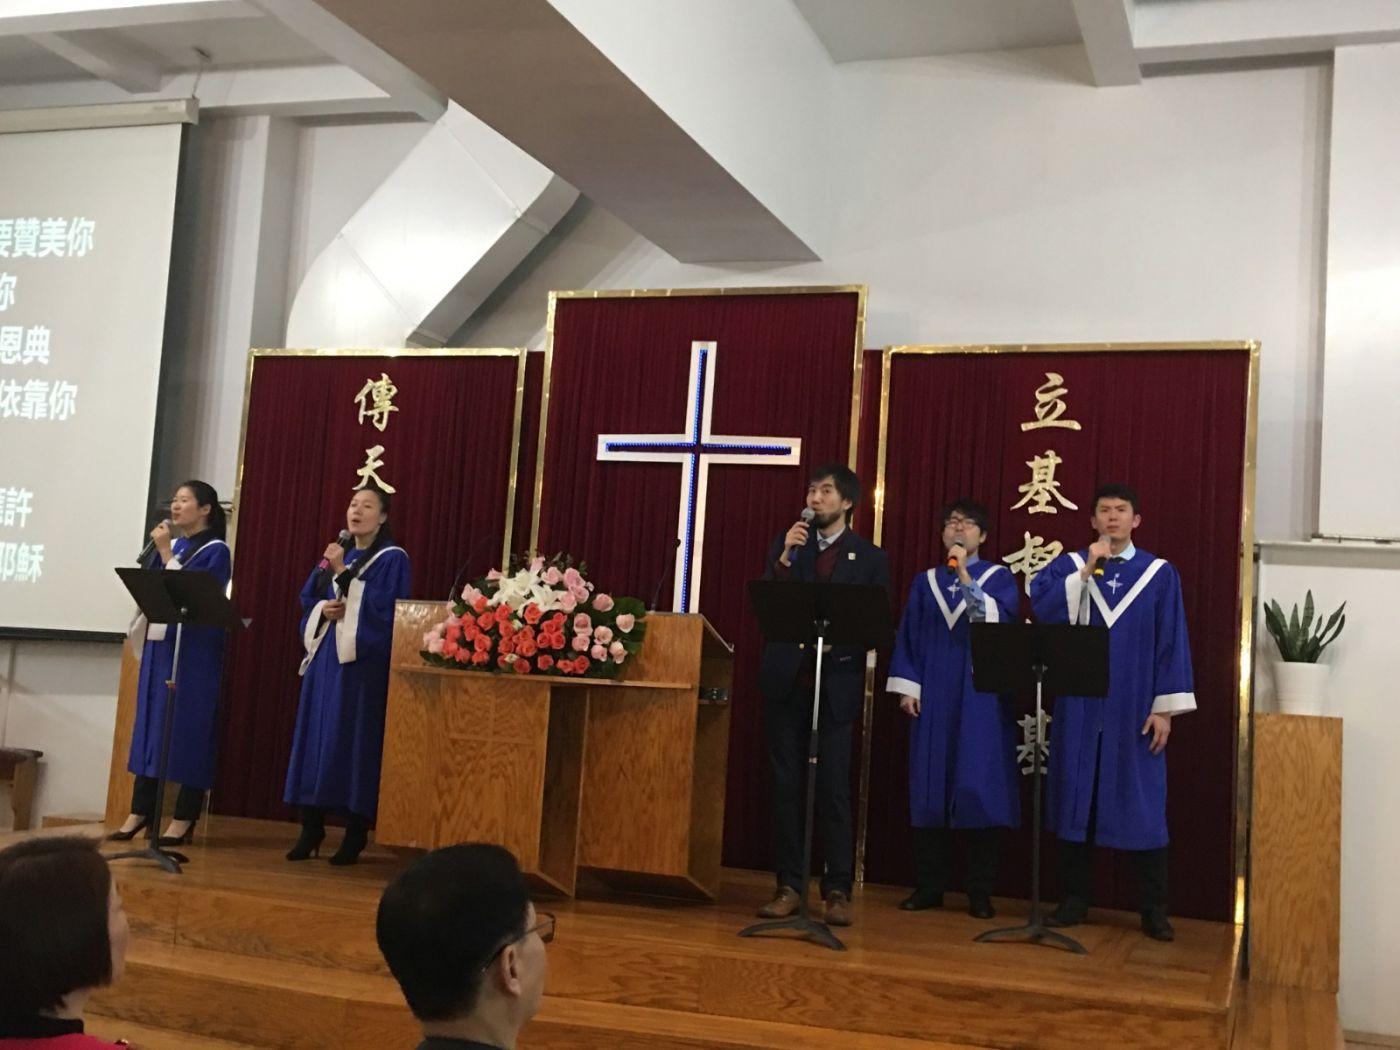 2019紐約基督閩恩教會舉辦感恩節崇拜_图1-15